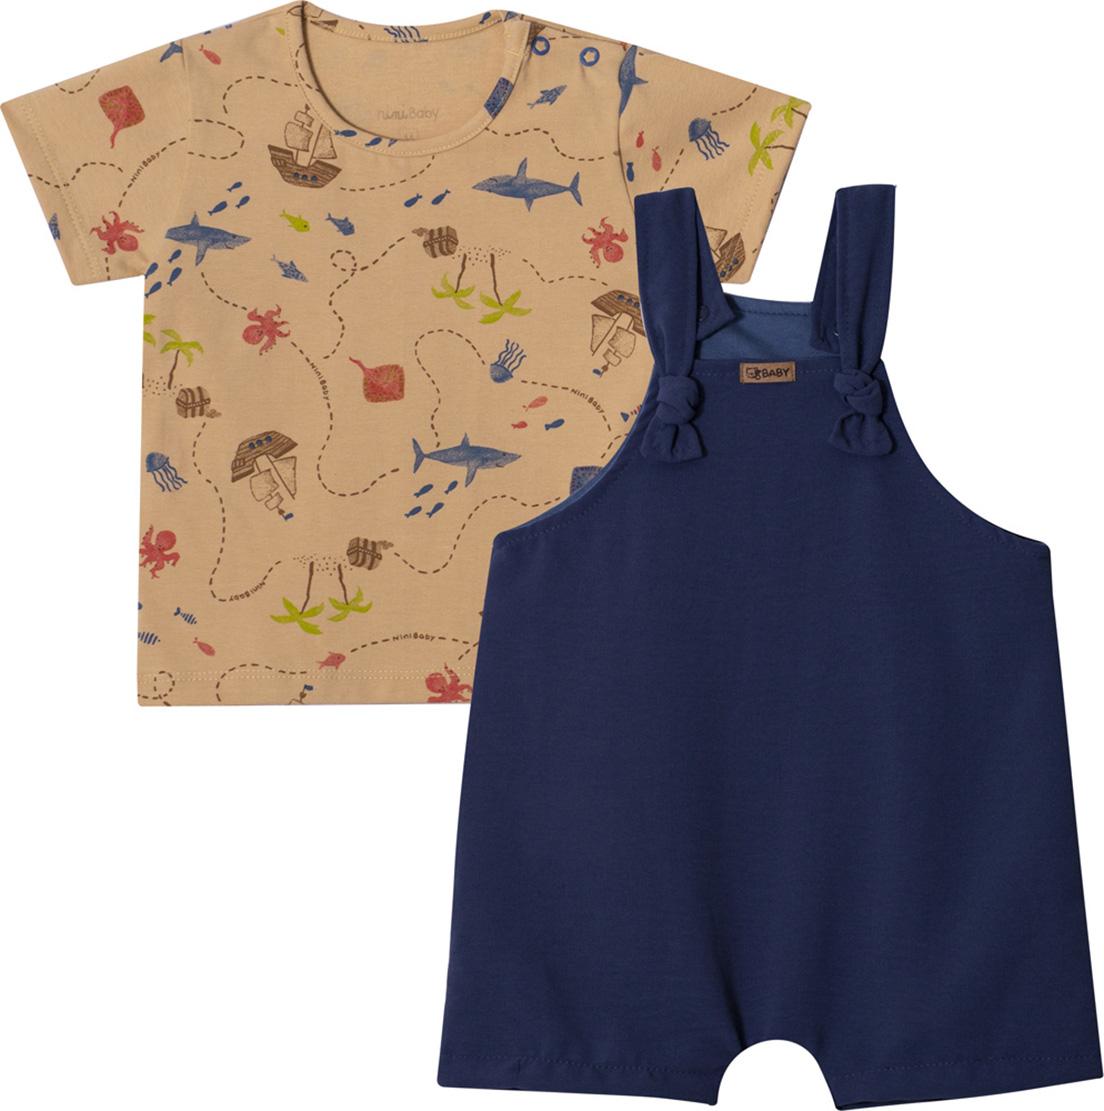 Conjunto Bebê Jardineira e Camiseta Nini&Bambini Mapa do Tesouro Marinho e Mostarda